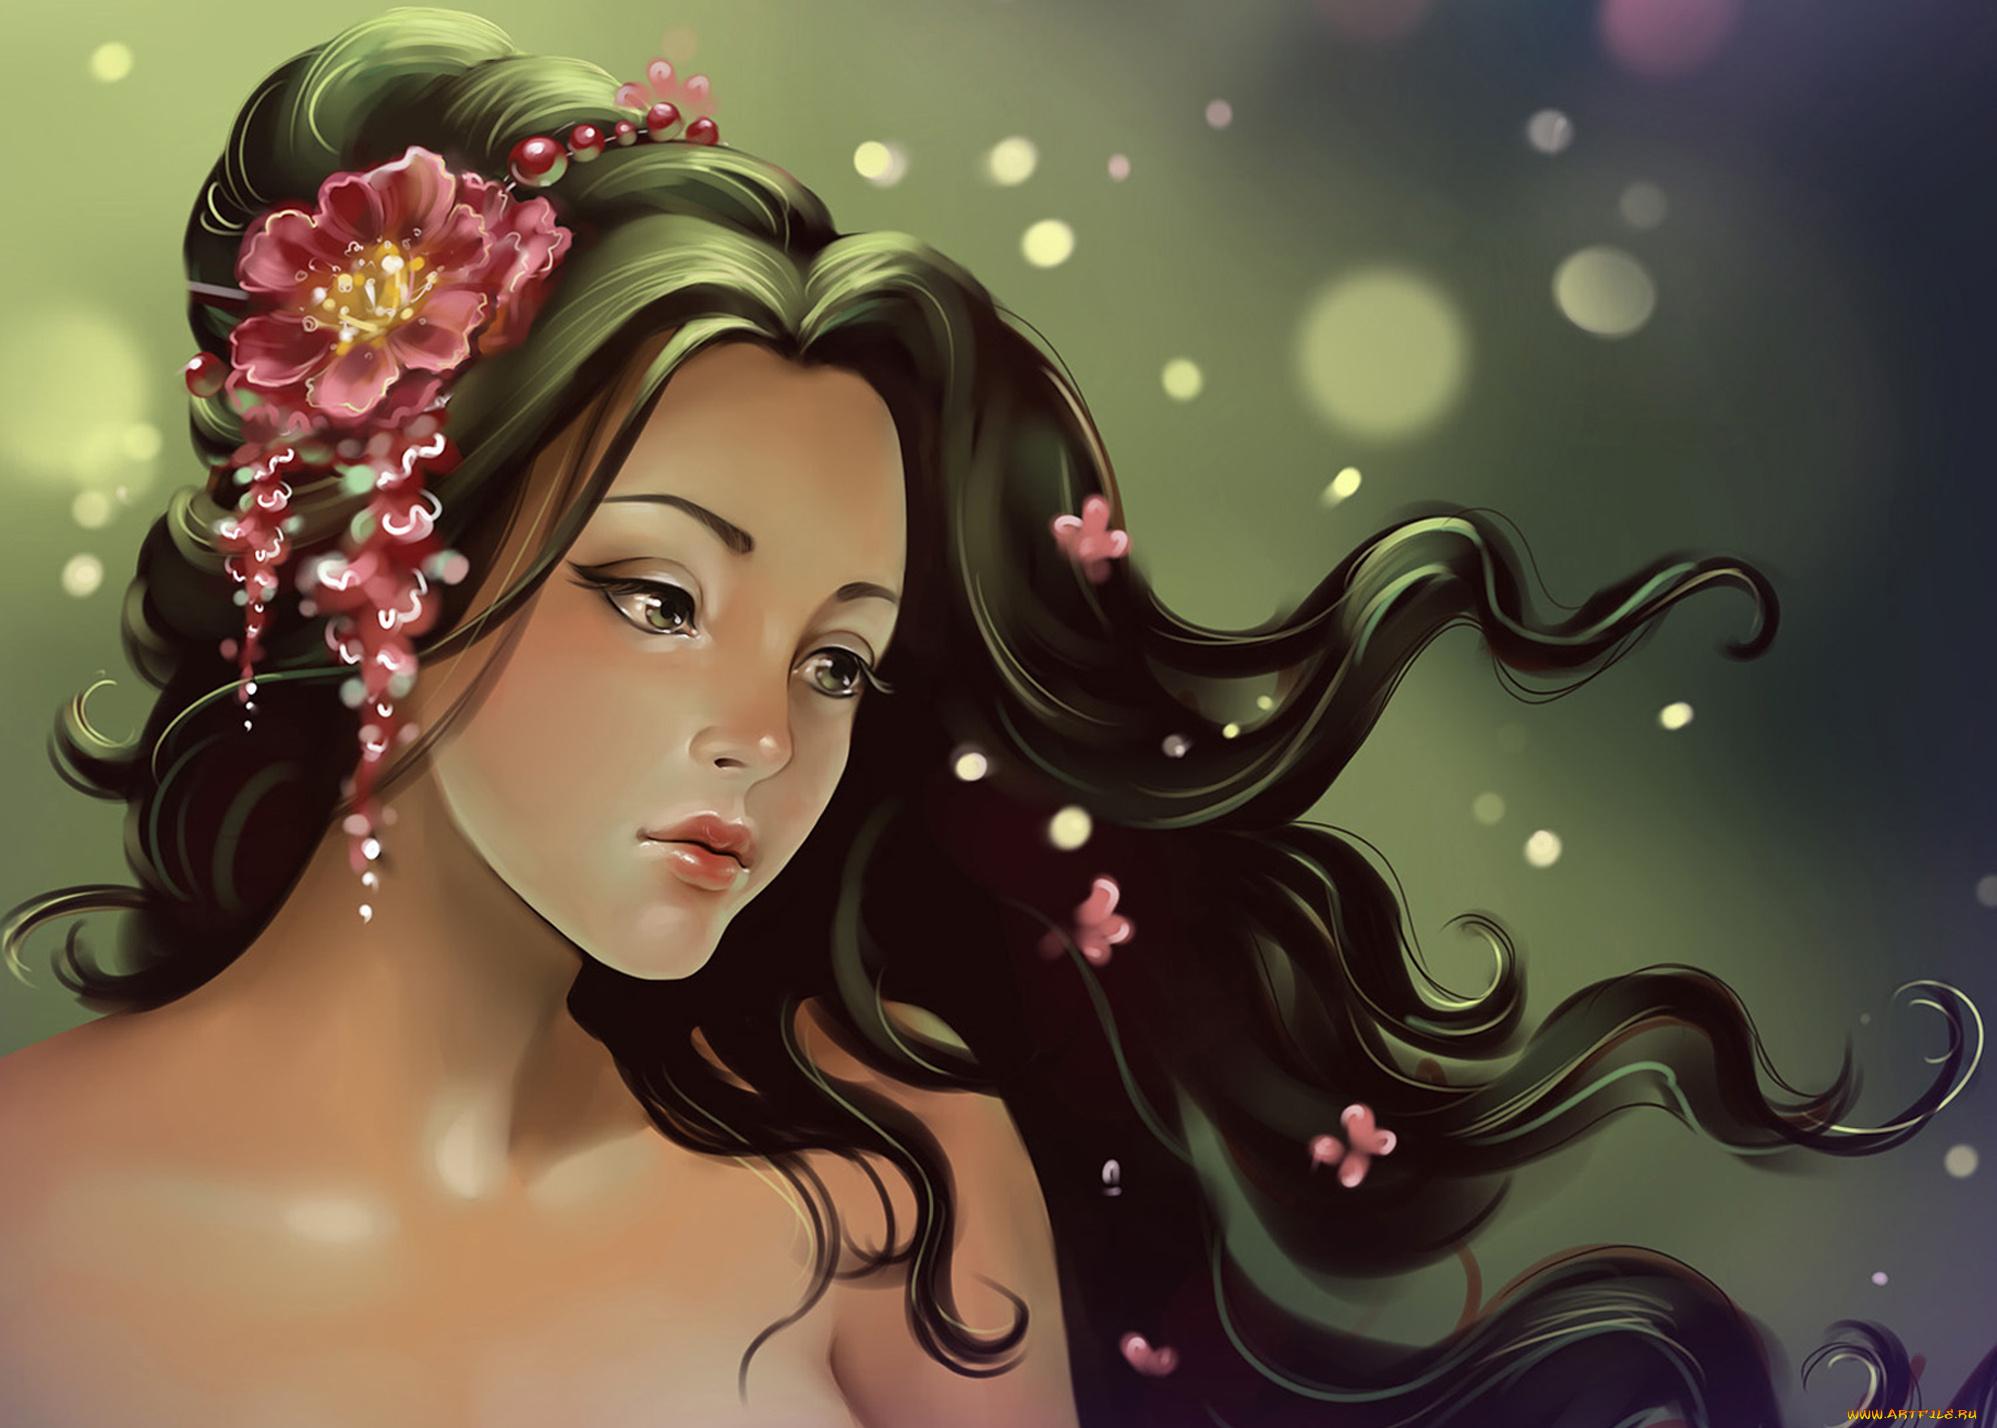 Раскладной открытки, красивая девушка картинки нарисованные